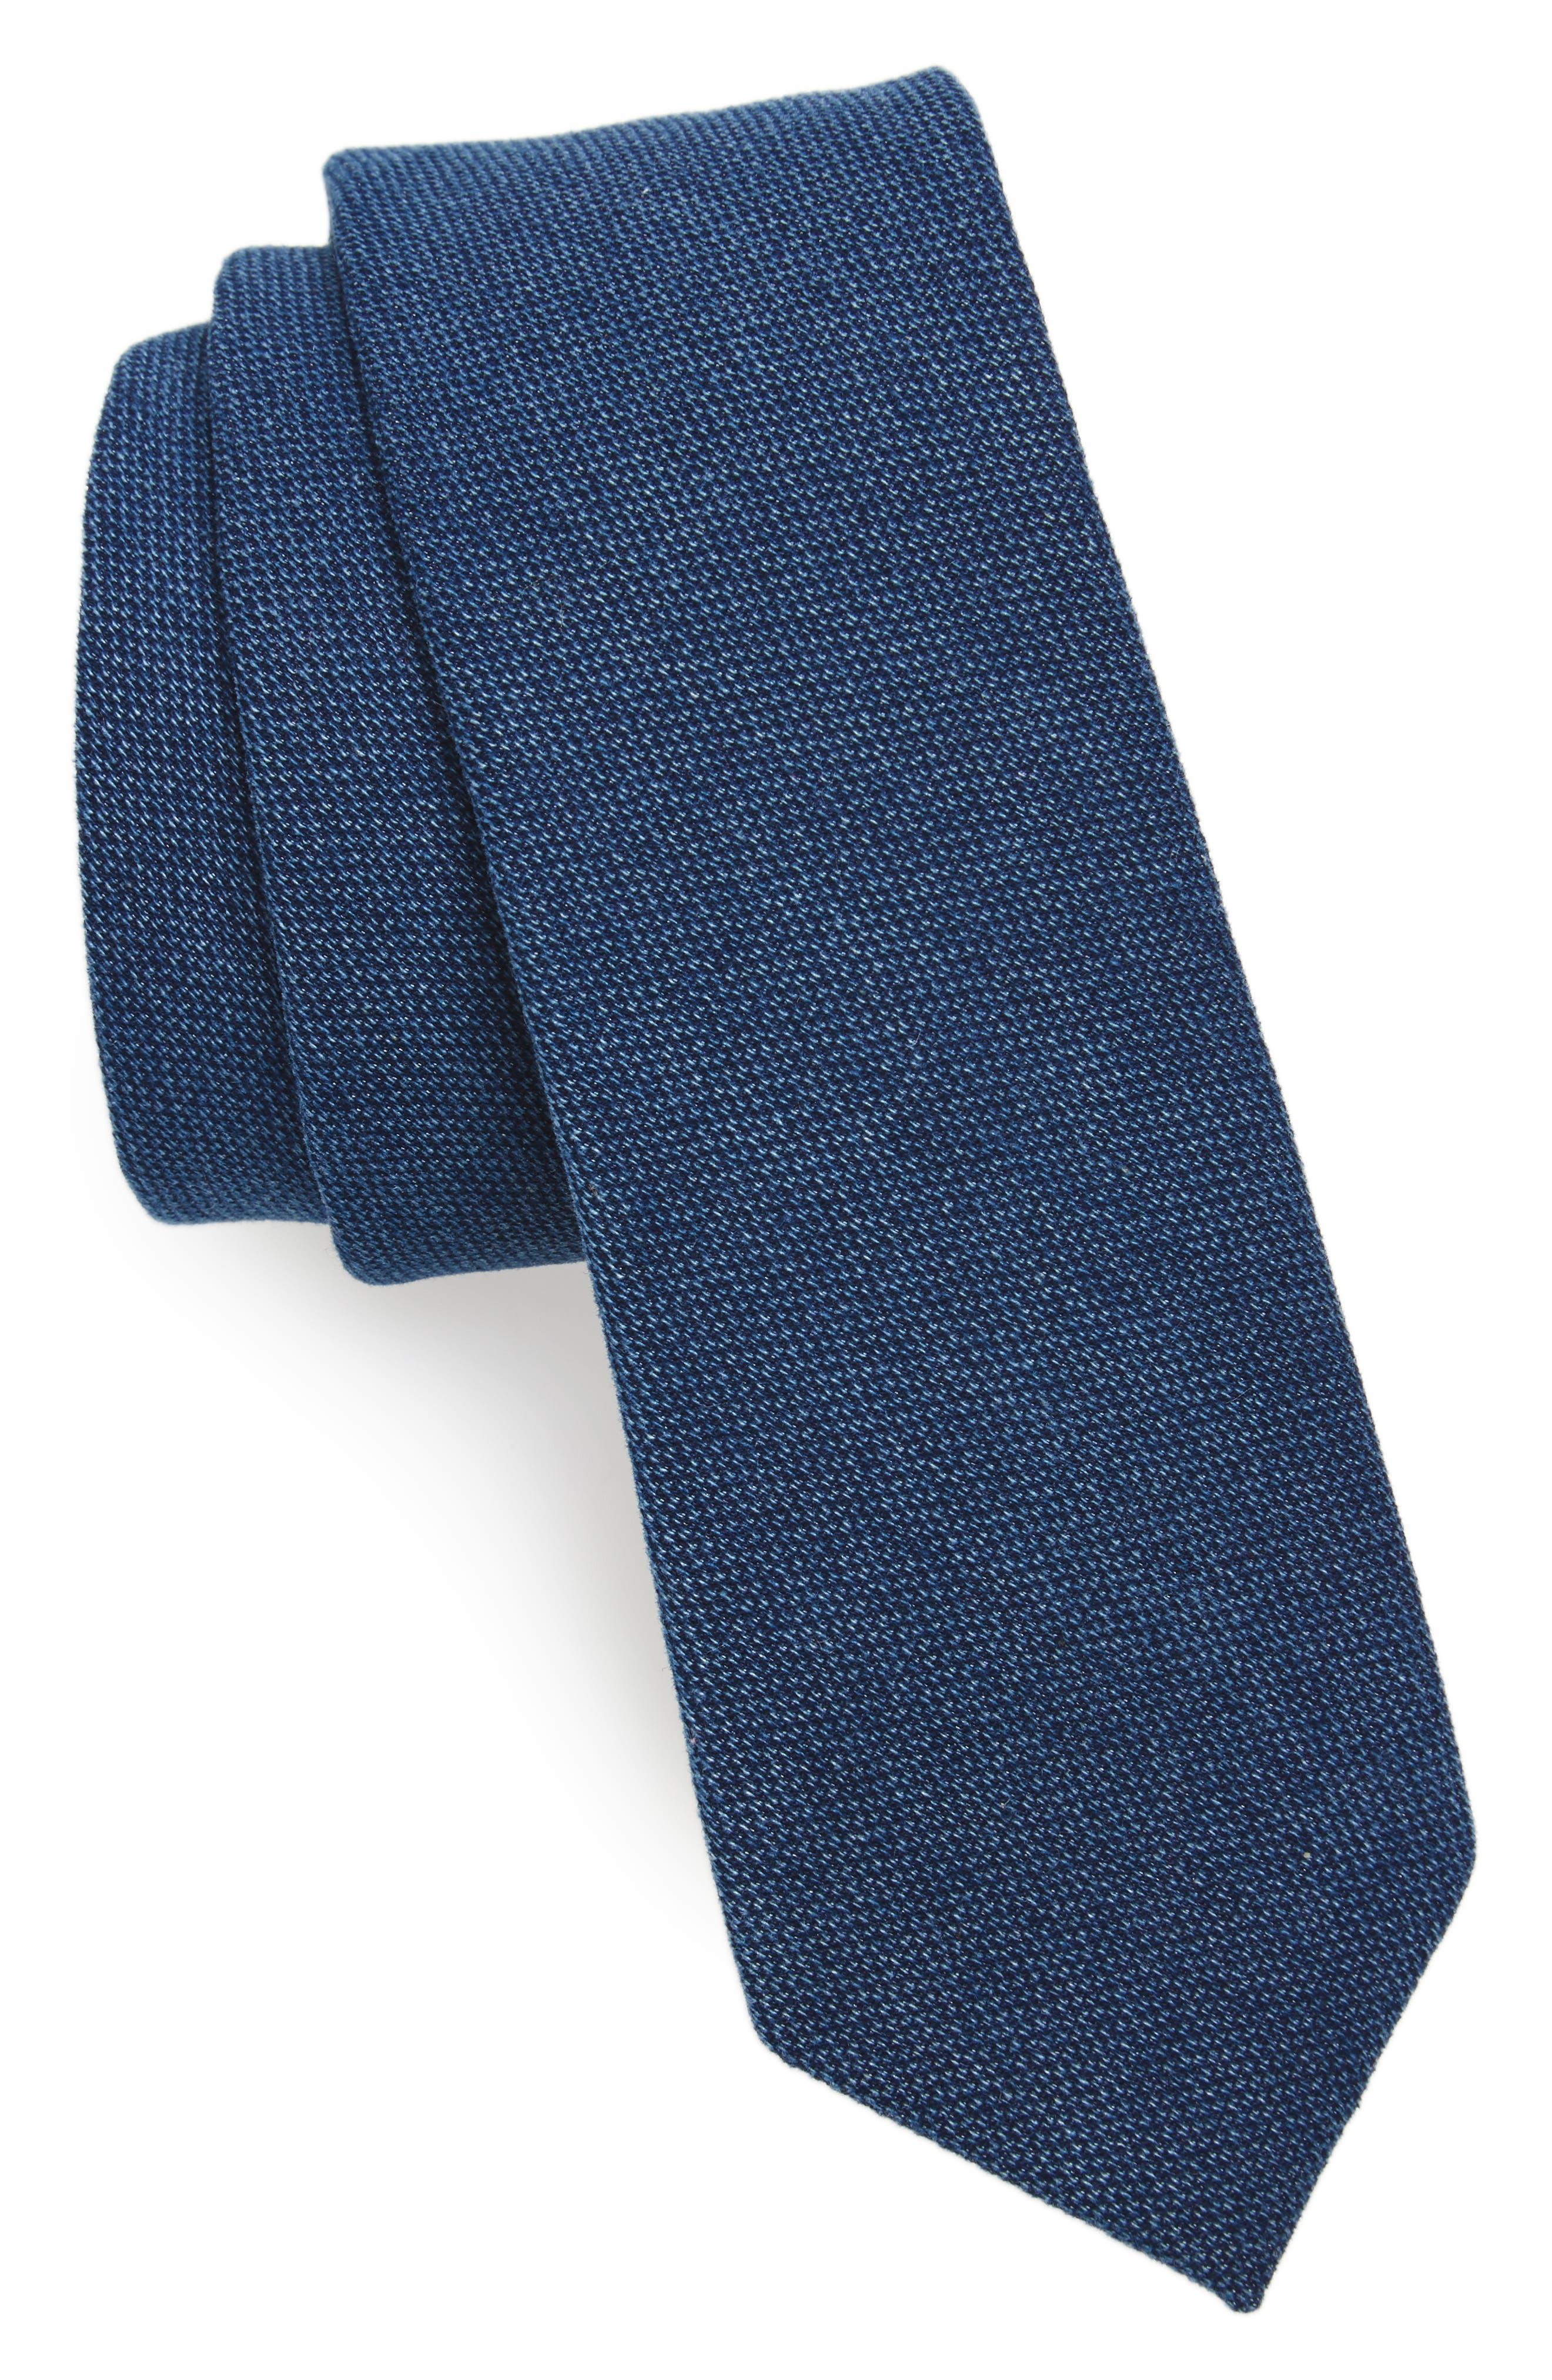 1901 Verona Solid Cotton Skinny Tie